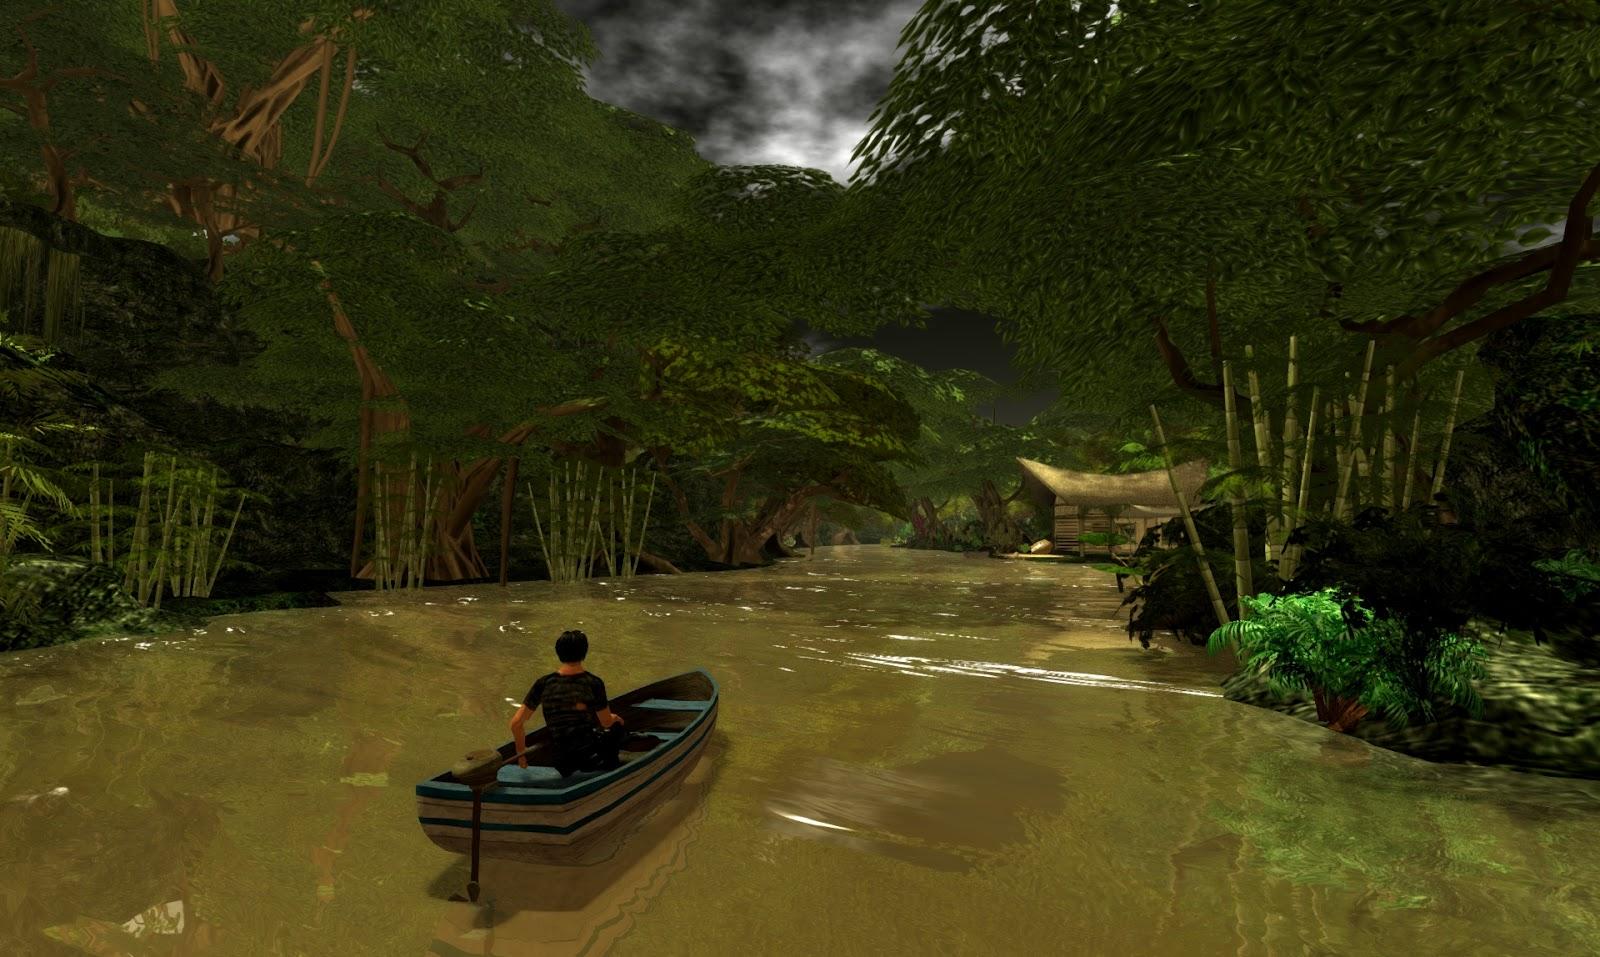 Echt virtuell simtipp amazon river for Portent g3 sl 8